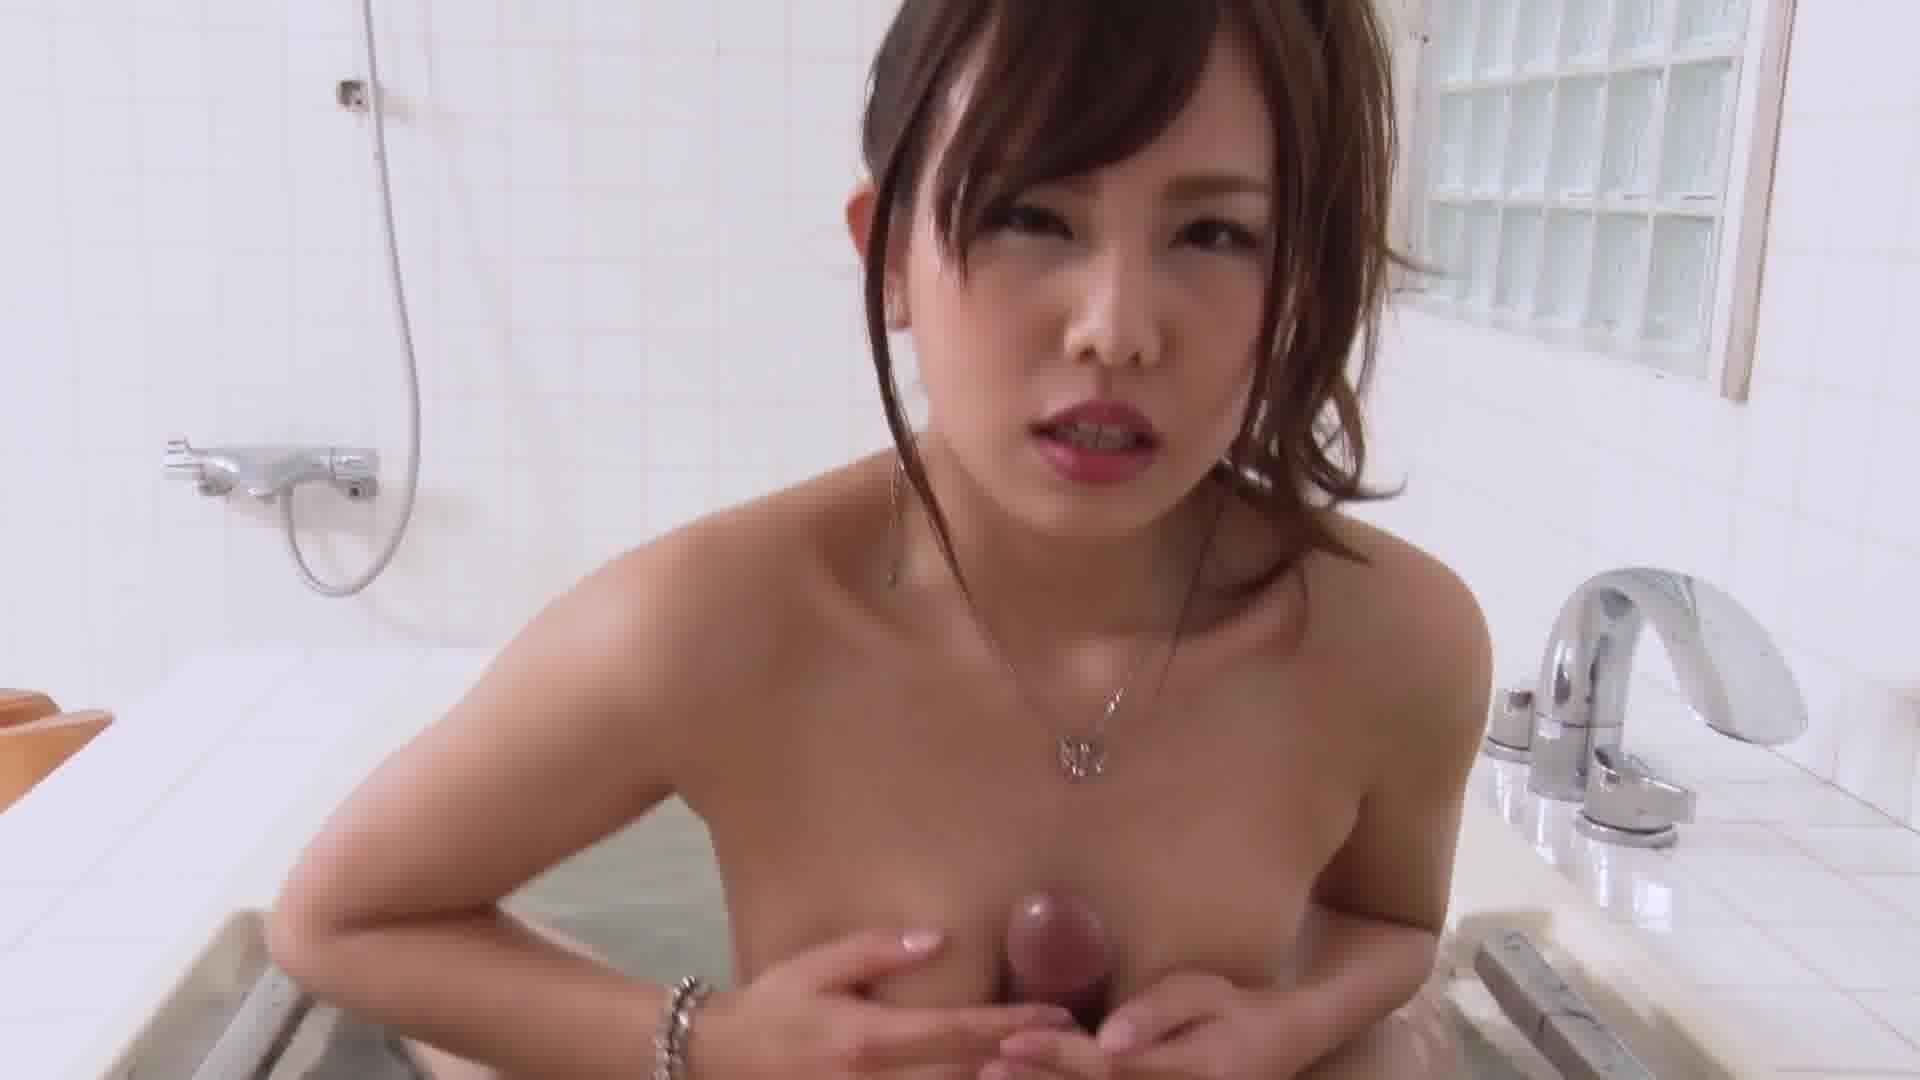 極上泡姫物語 Vol.80 - 碧えみ【パイパン・パイズリ・中出し】